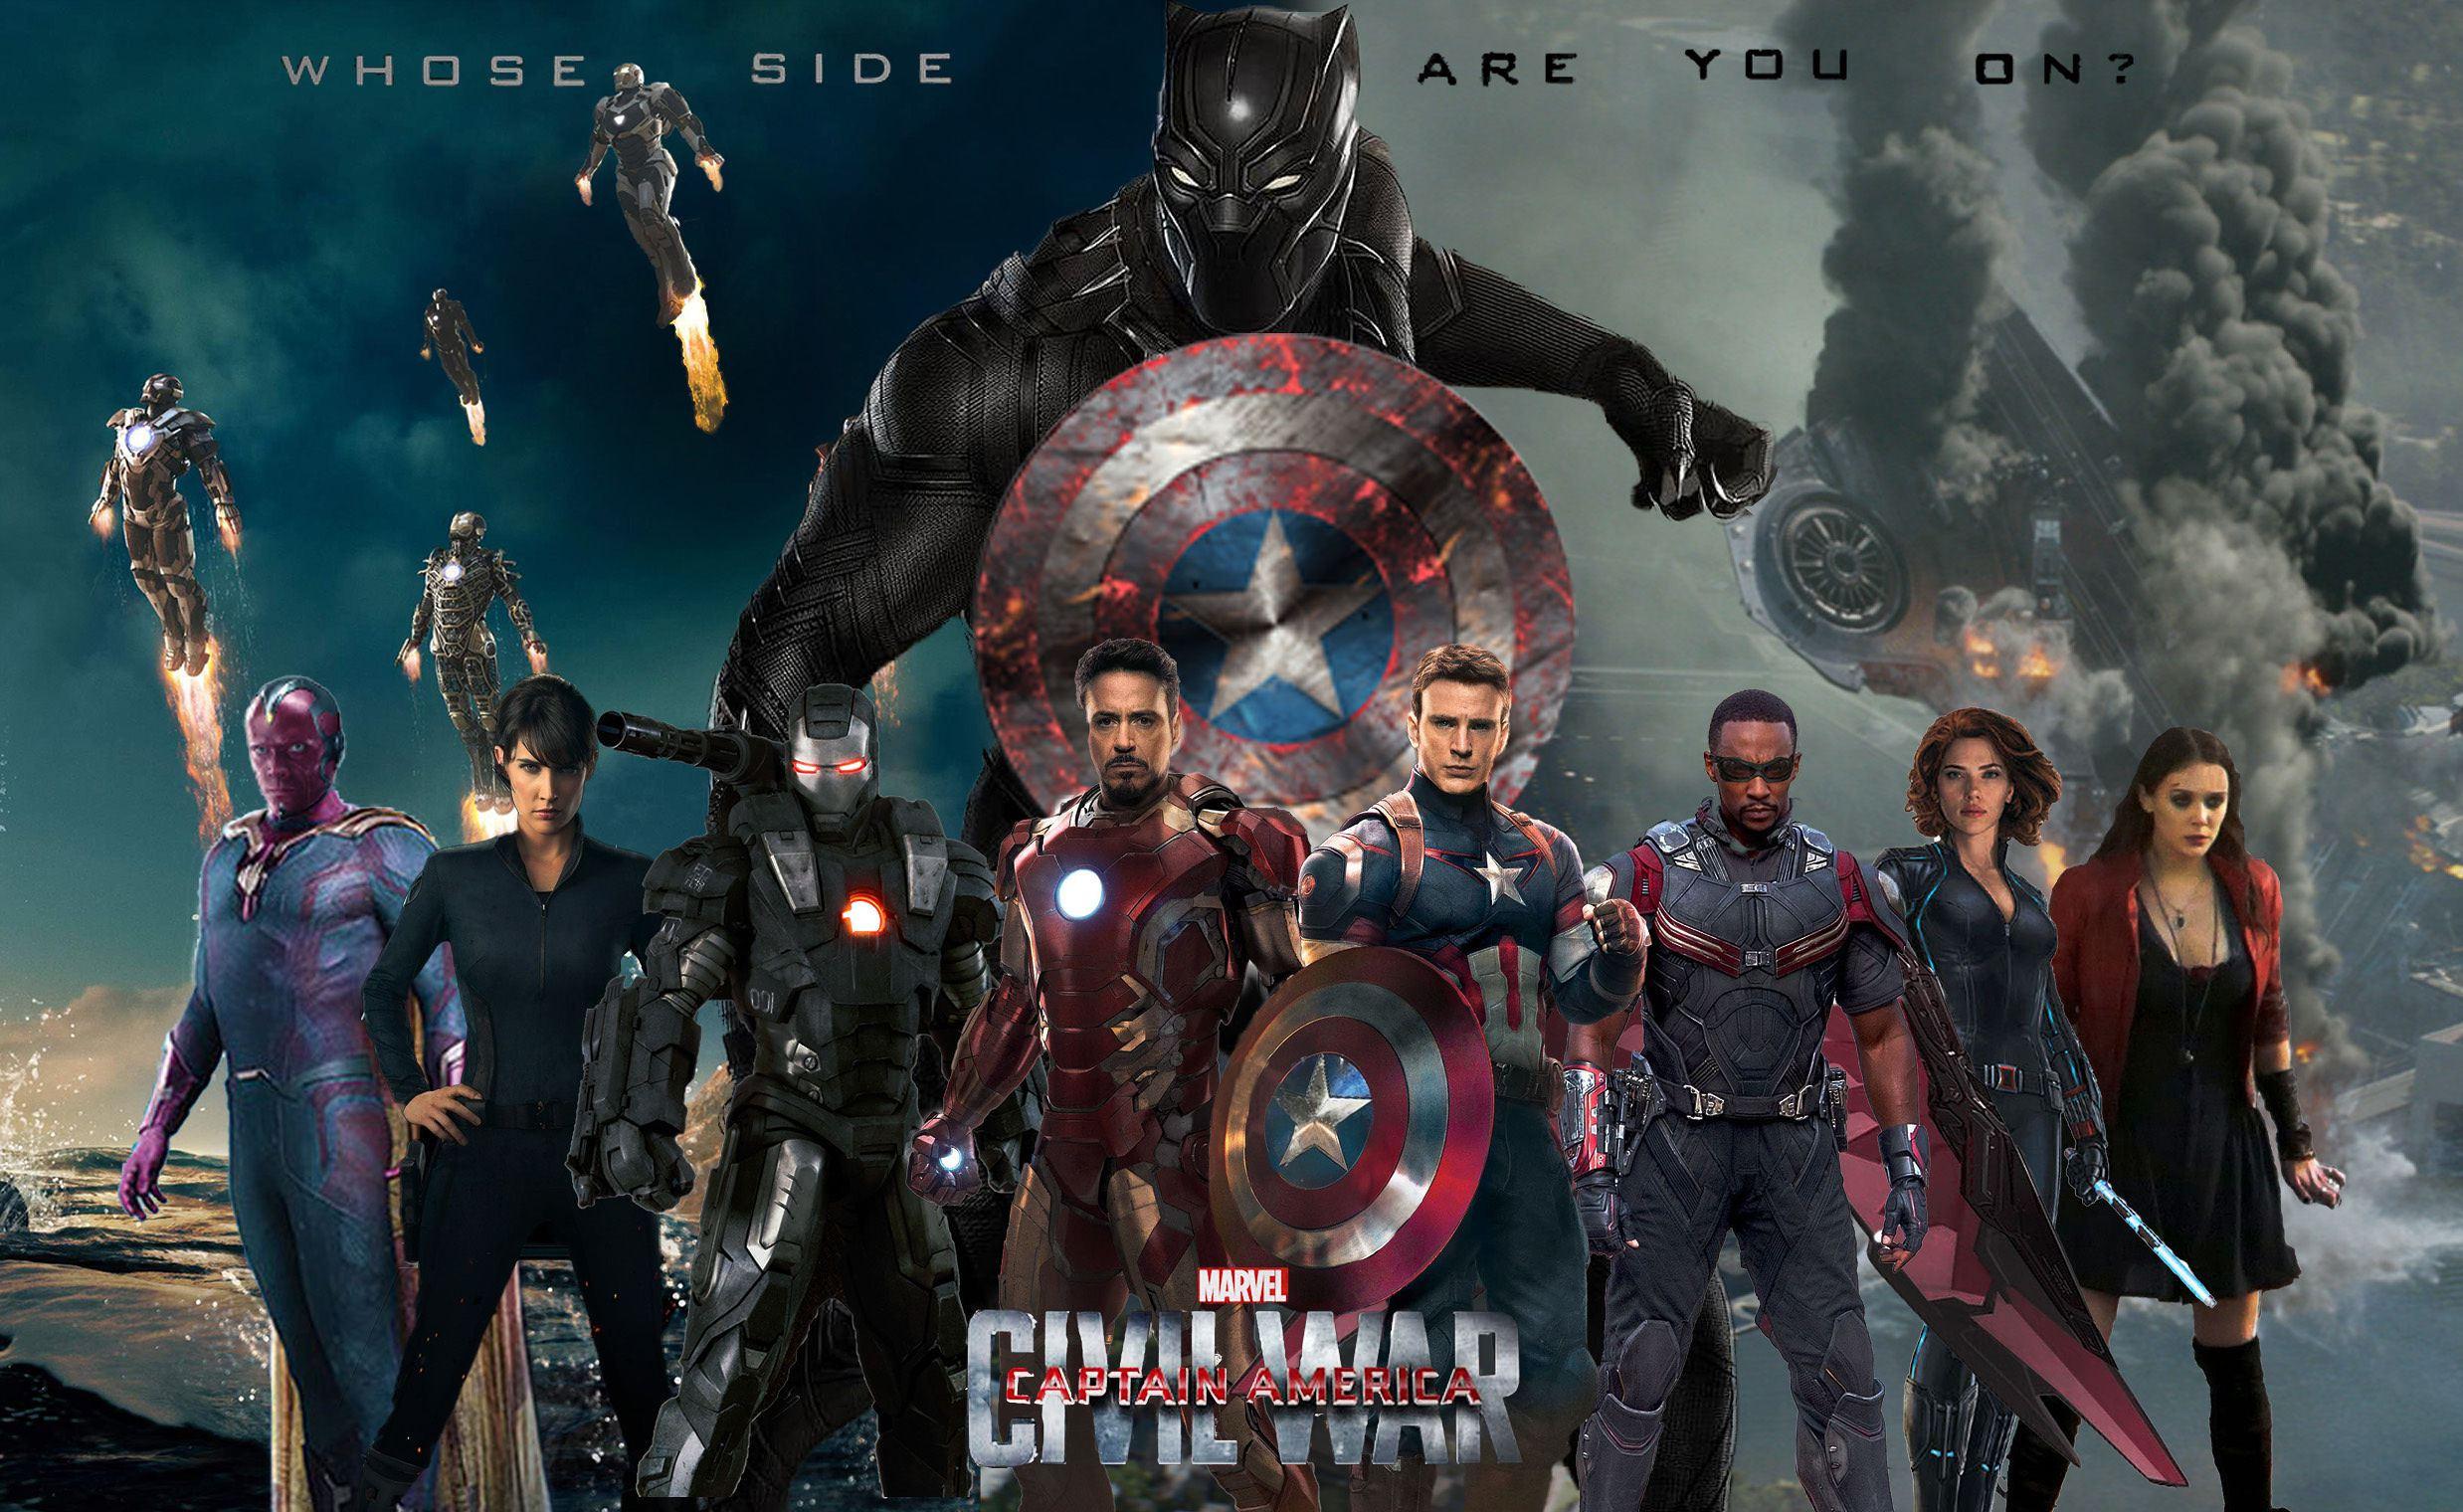 captain america civil war poster wallpaper captain america civil war 2476x1520